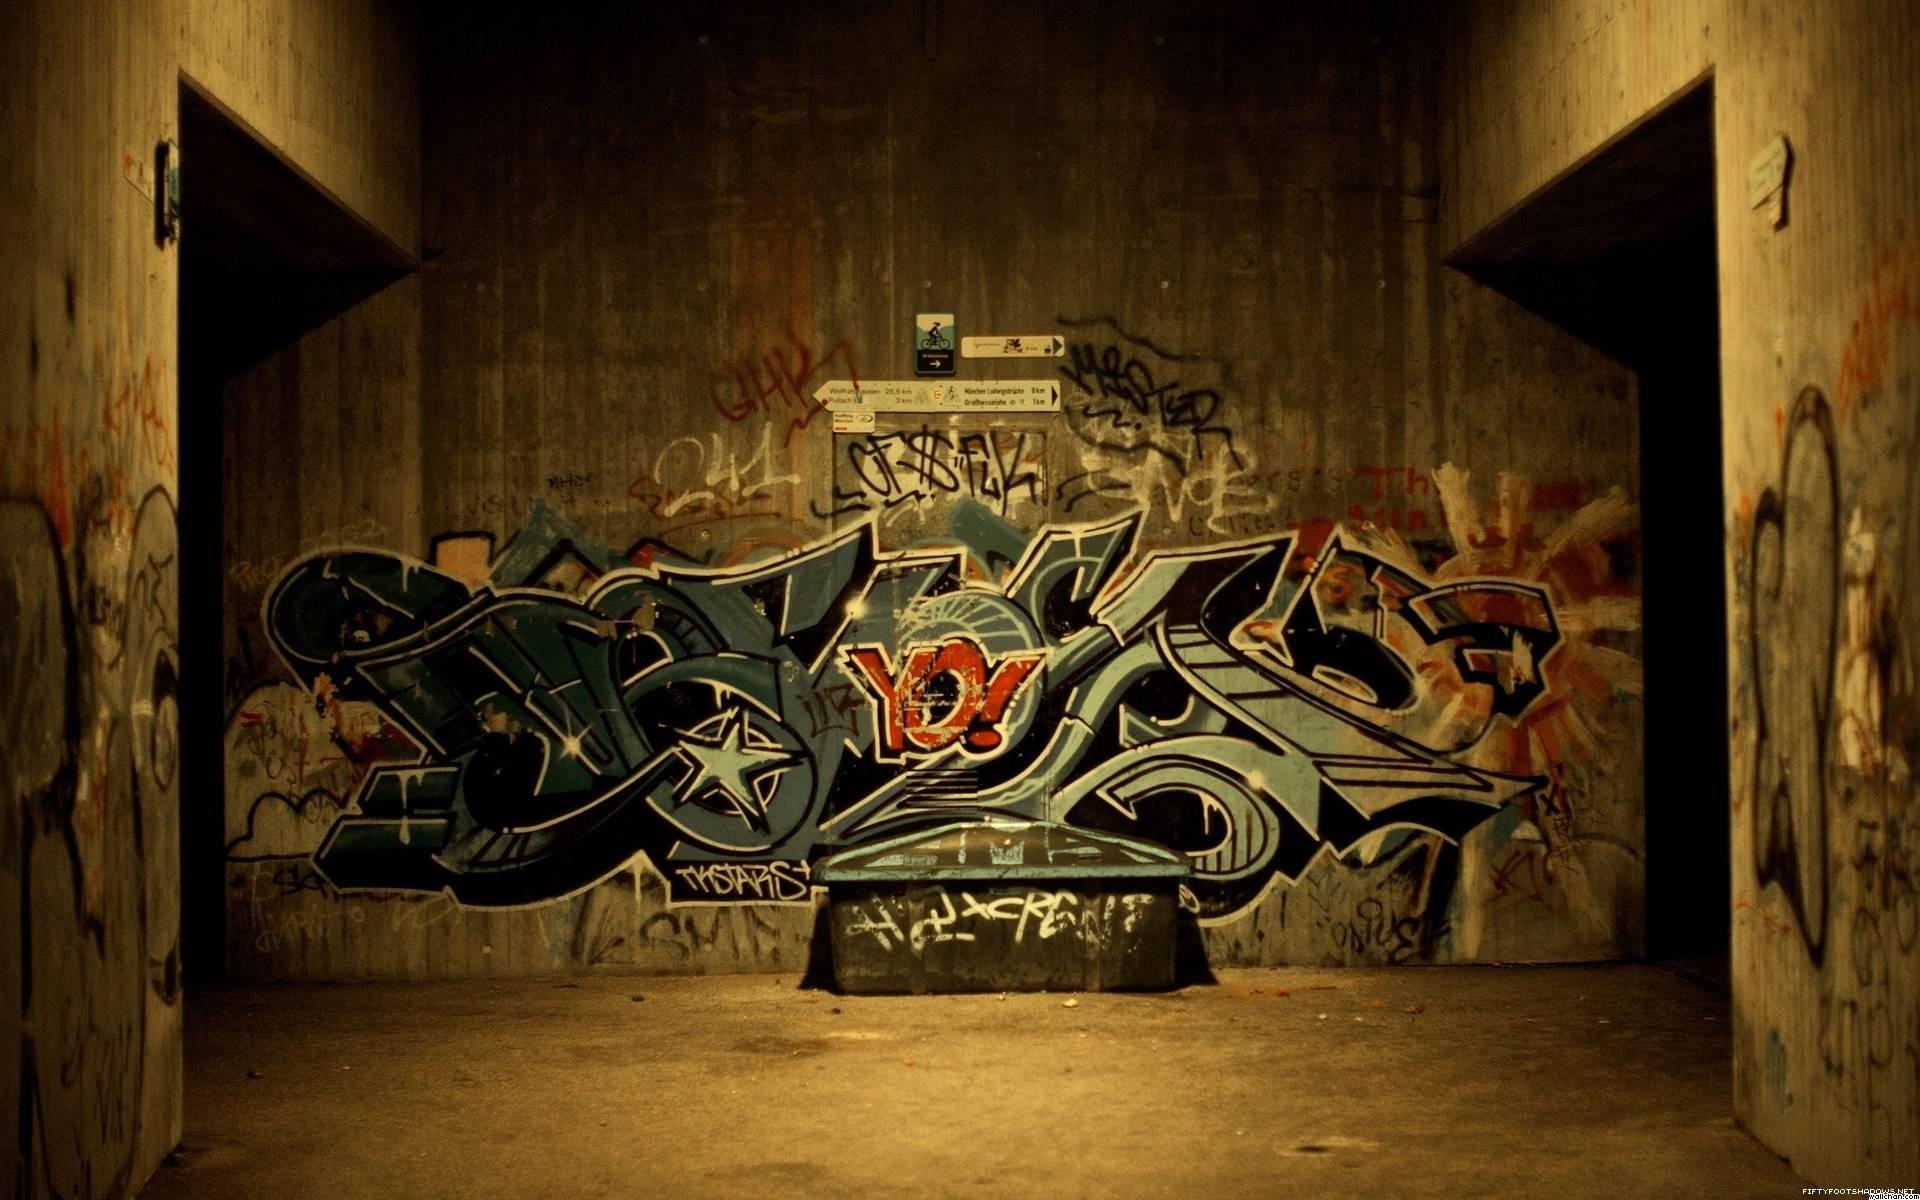 Fonds d'écran Hip Hop : tous les wallpapers Hip Hop